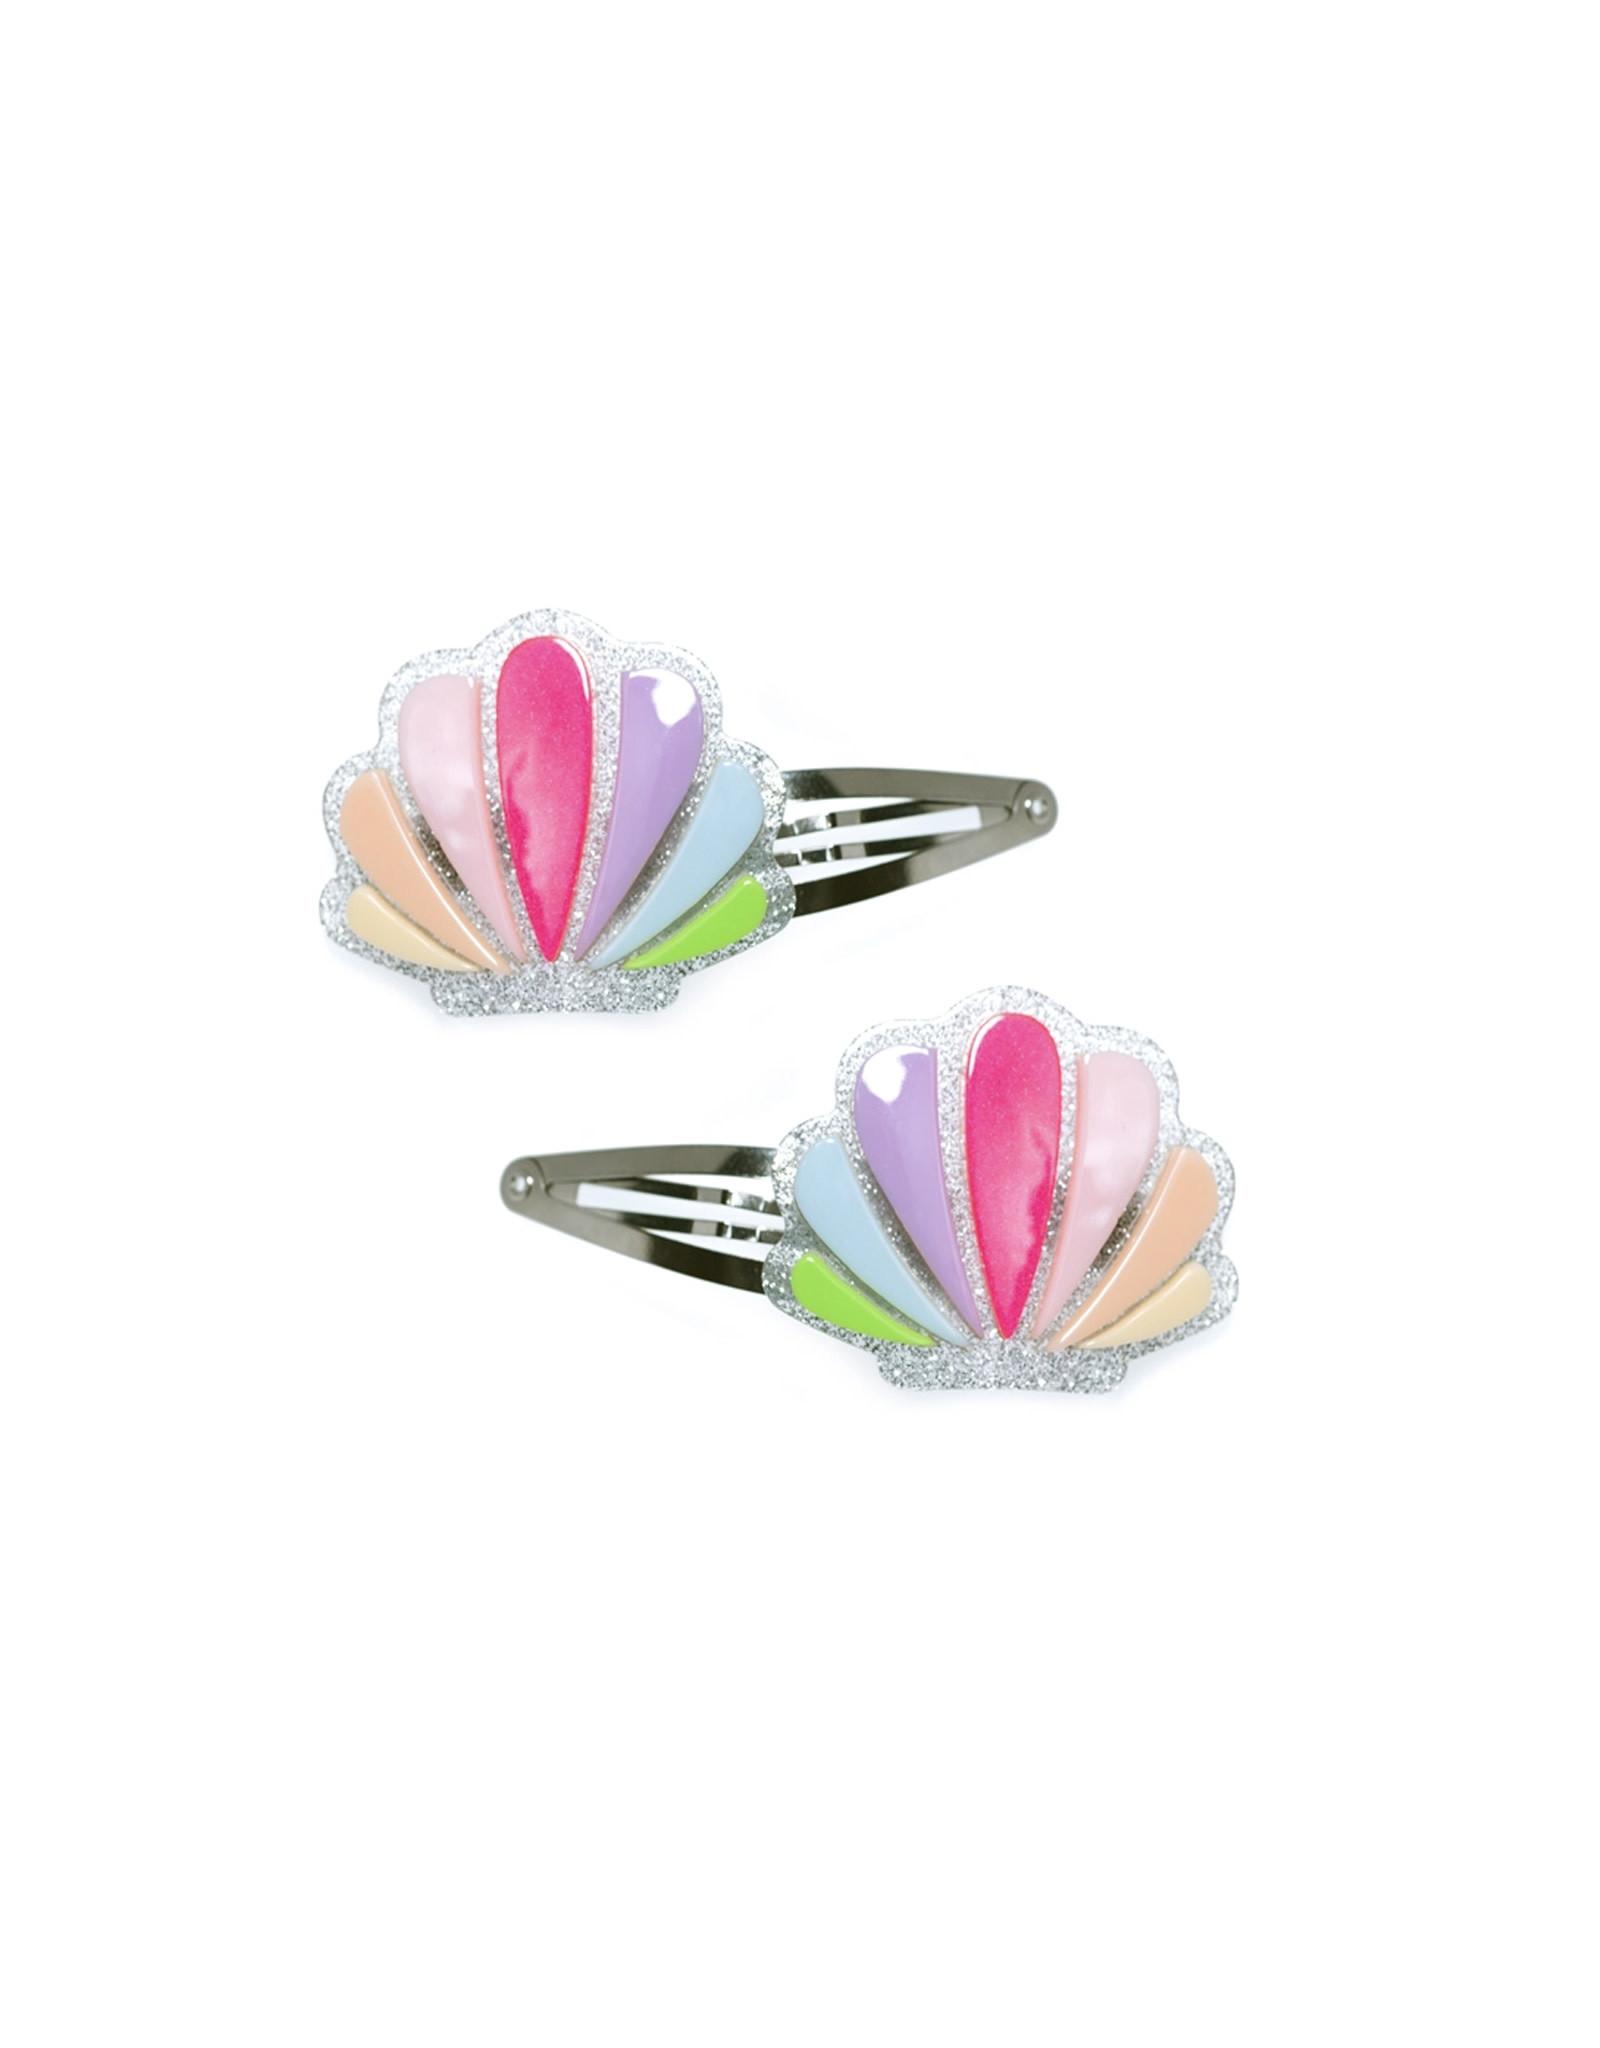 Lillies & Roses Seashells Pastel Colors Snap Clip